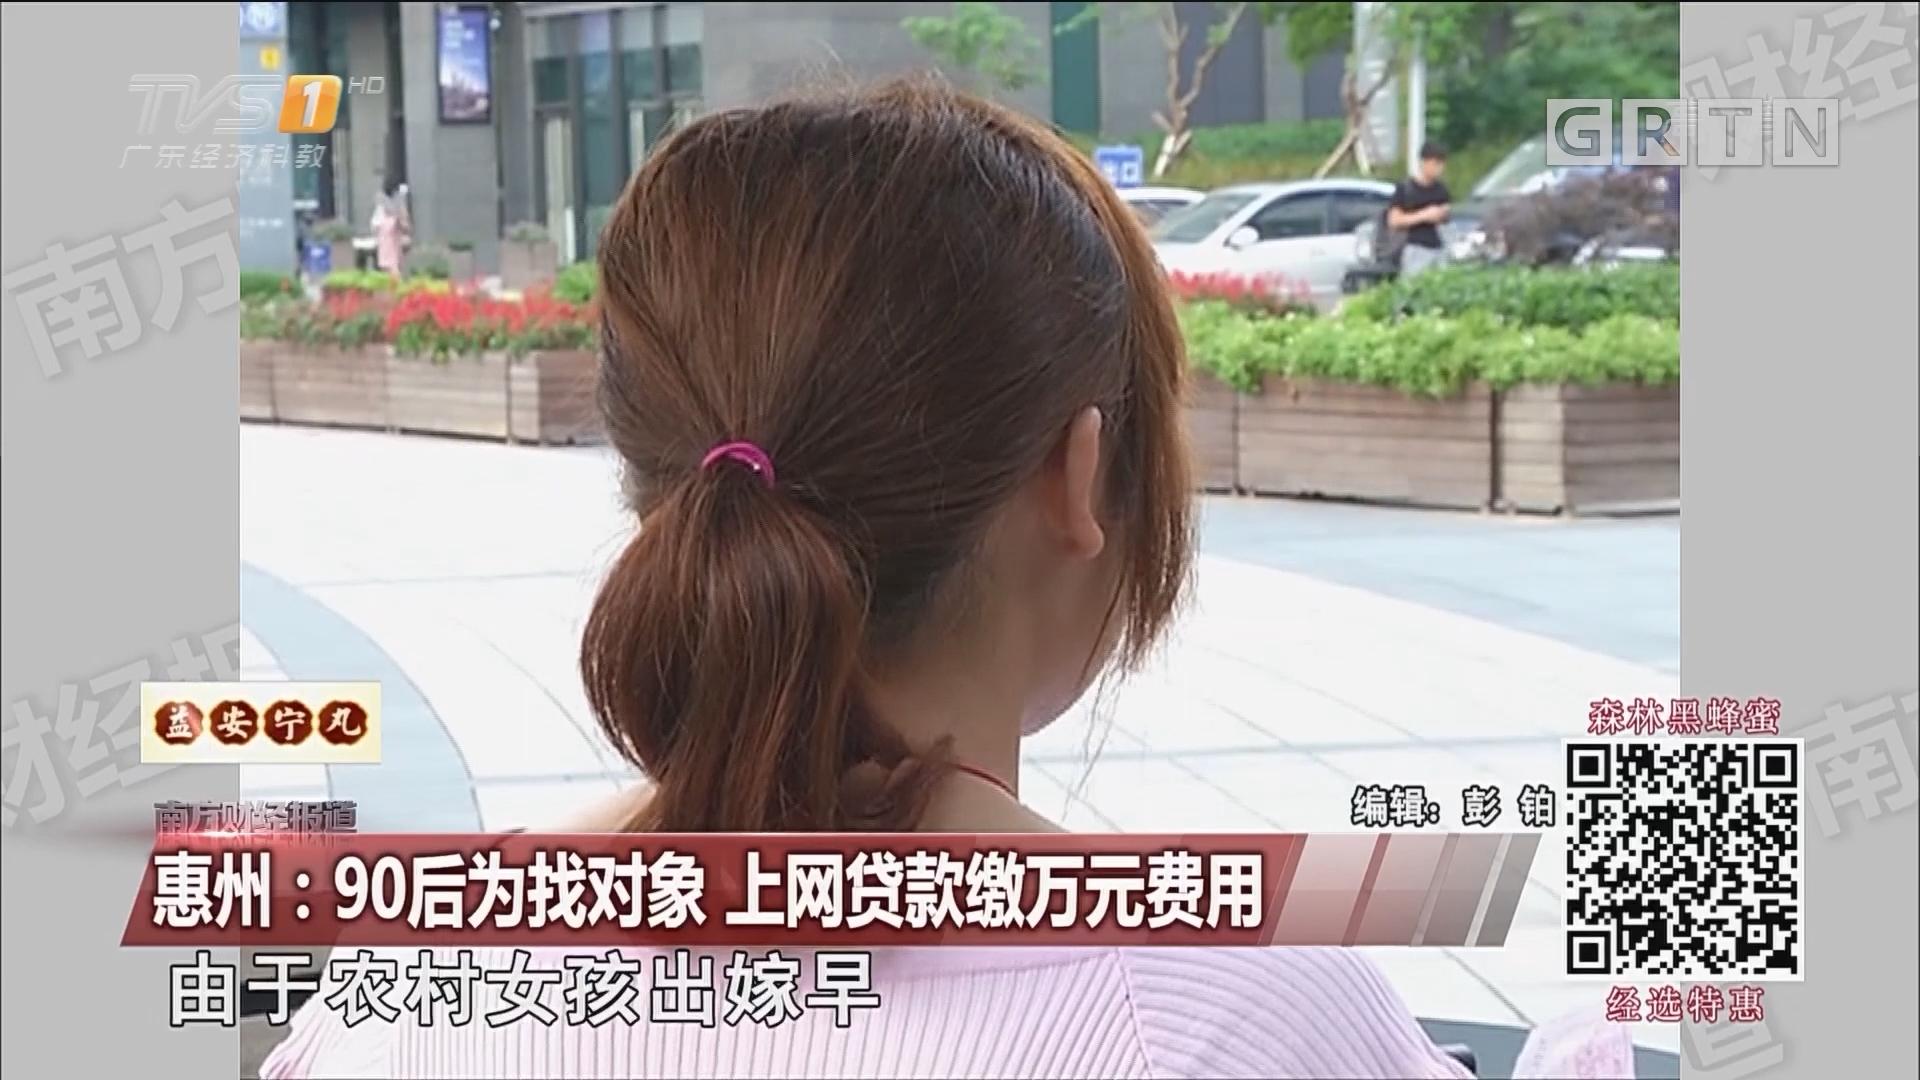 惠州:90后为找对象 上网贷款缴万元费用